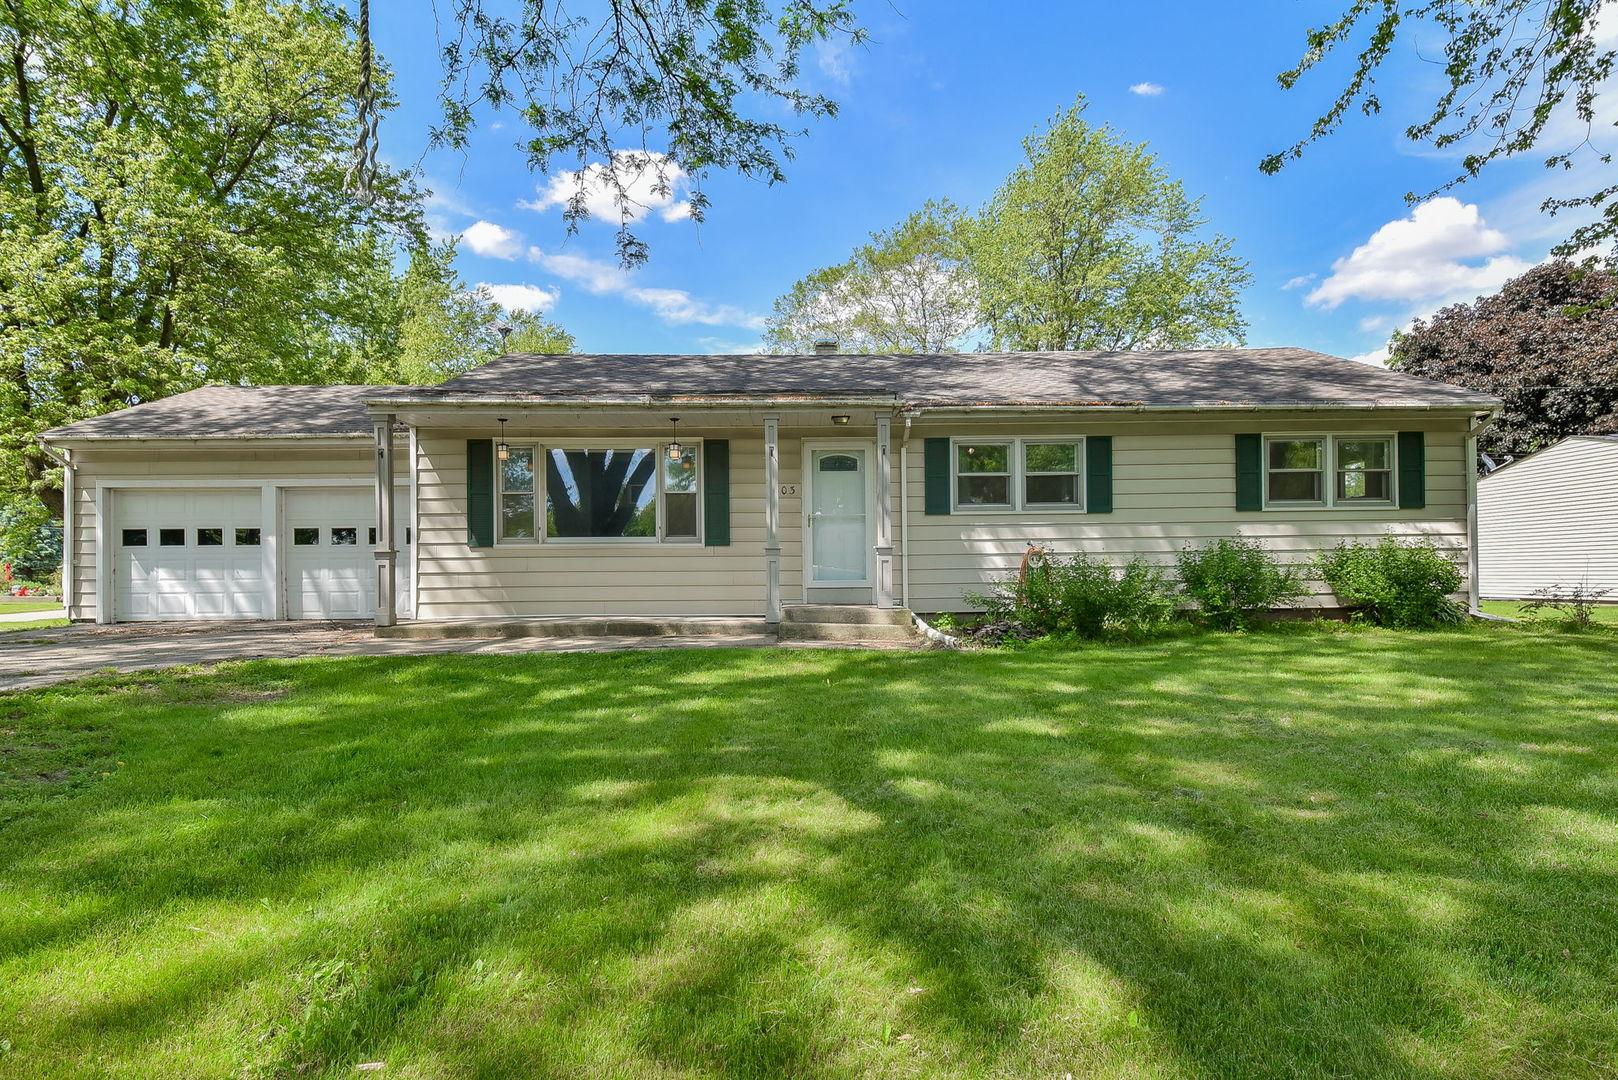 803  Willow,  Maple Park, Illinois